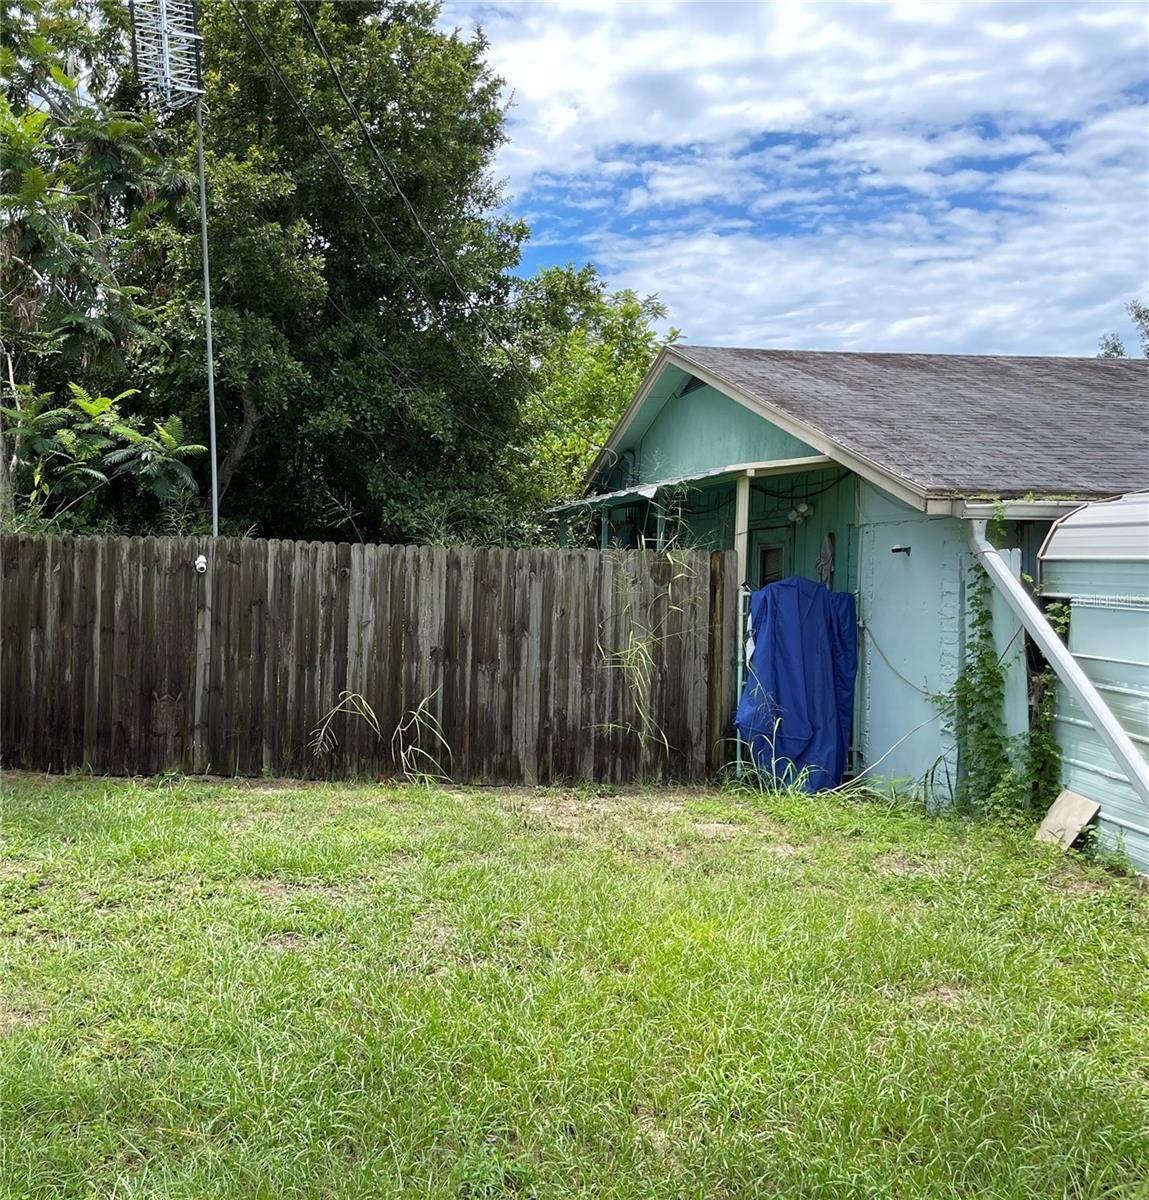 Photo of 2244 KALIN LANE, SARASOTA, FL 34231 (MLS # A4508378)